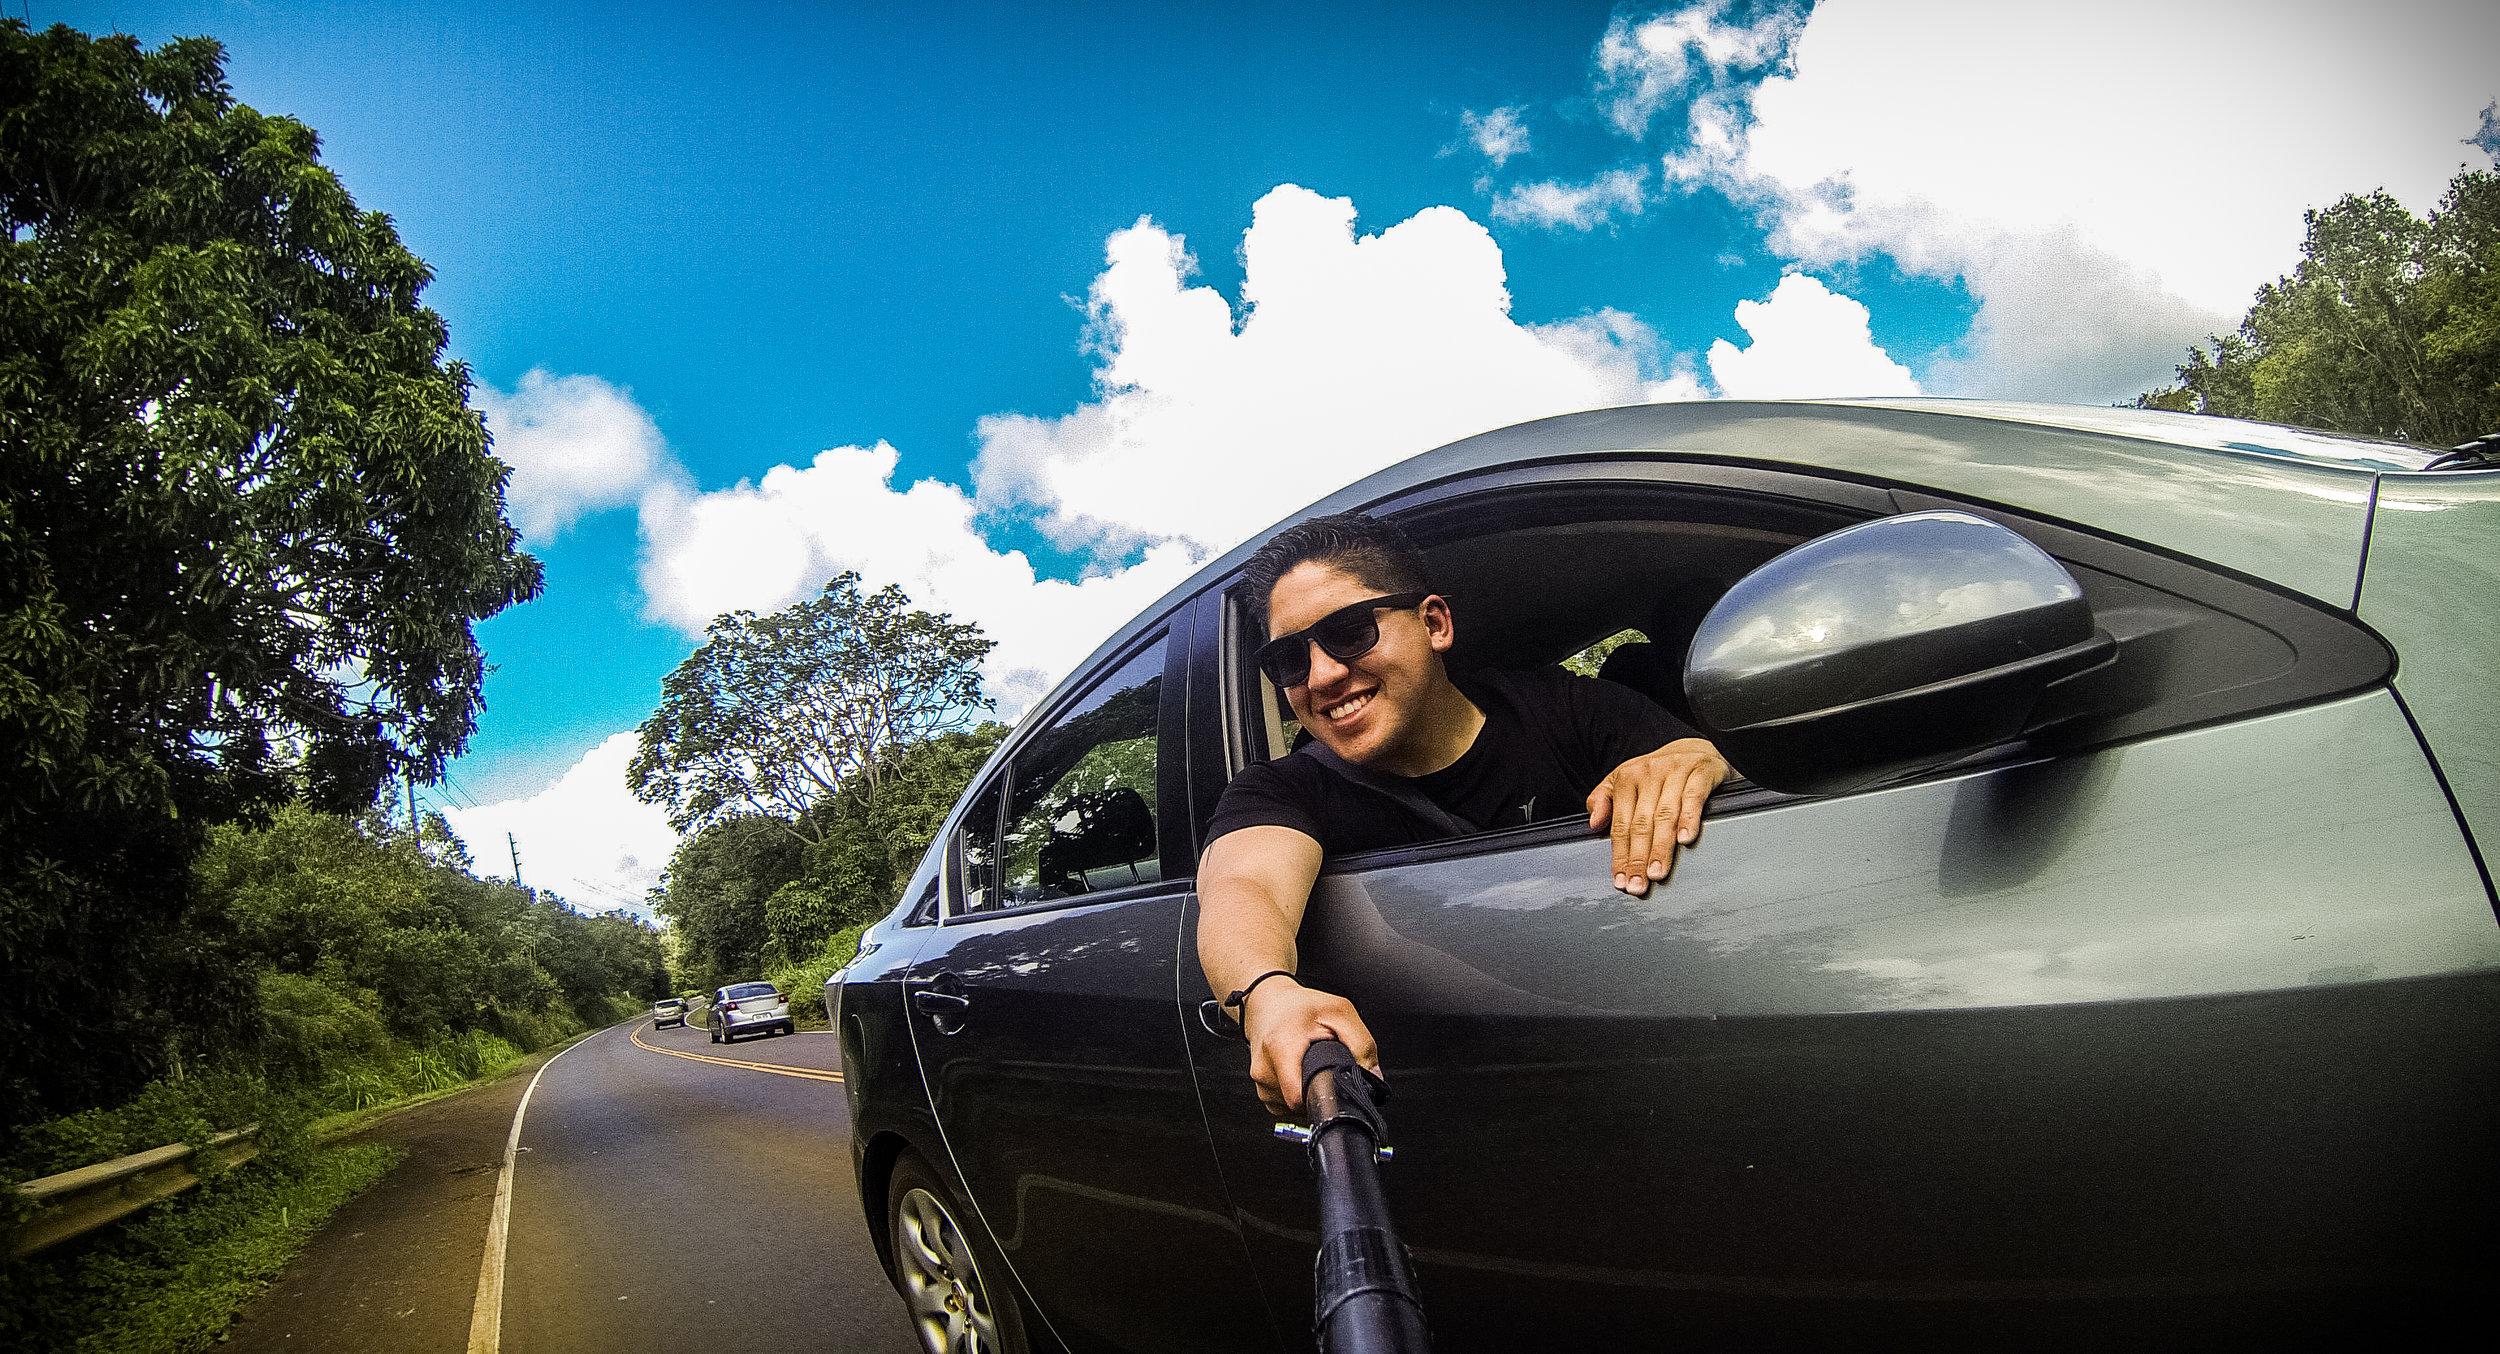 Me_Kauai.jpg